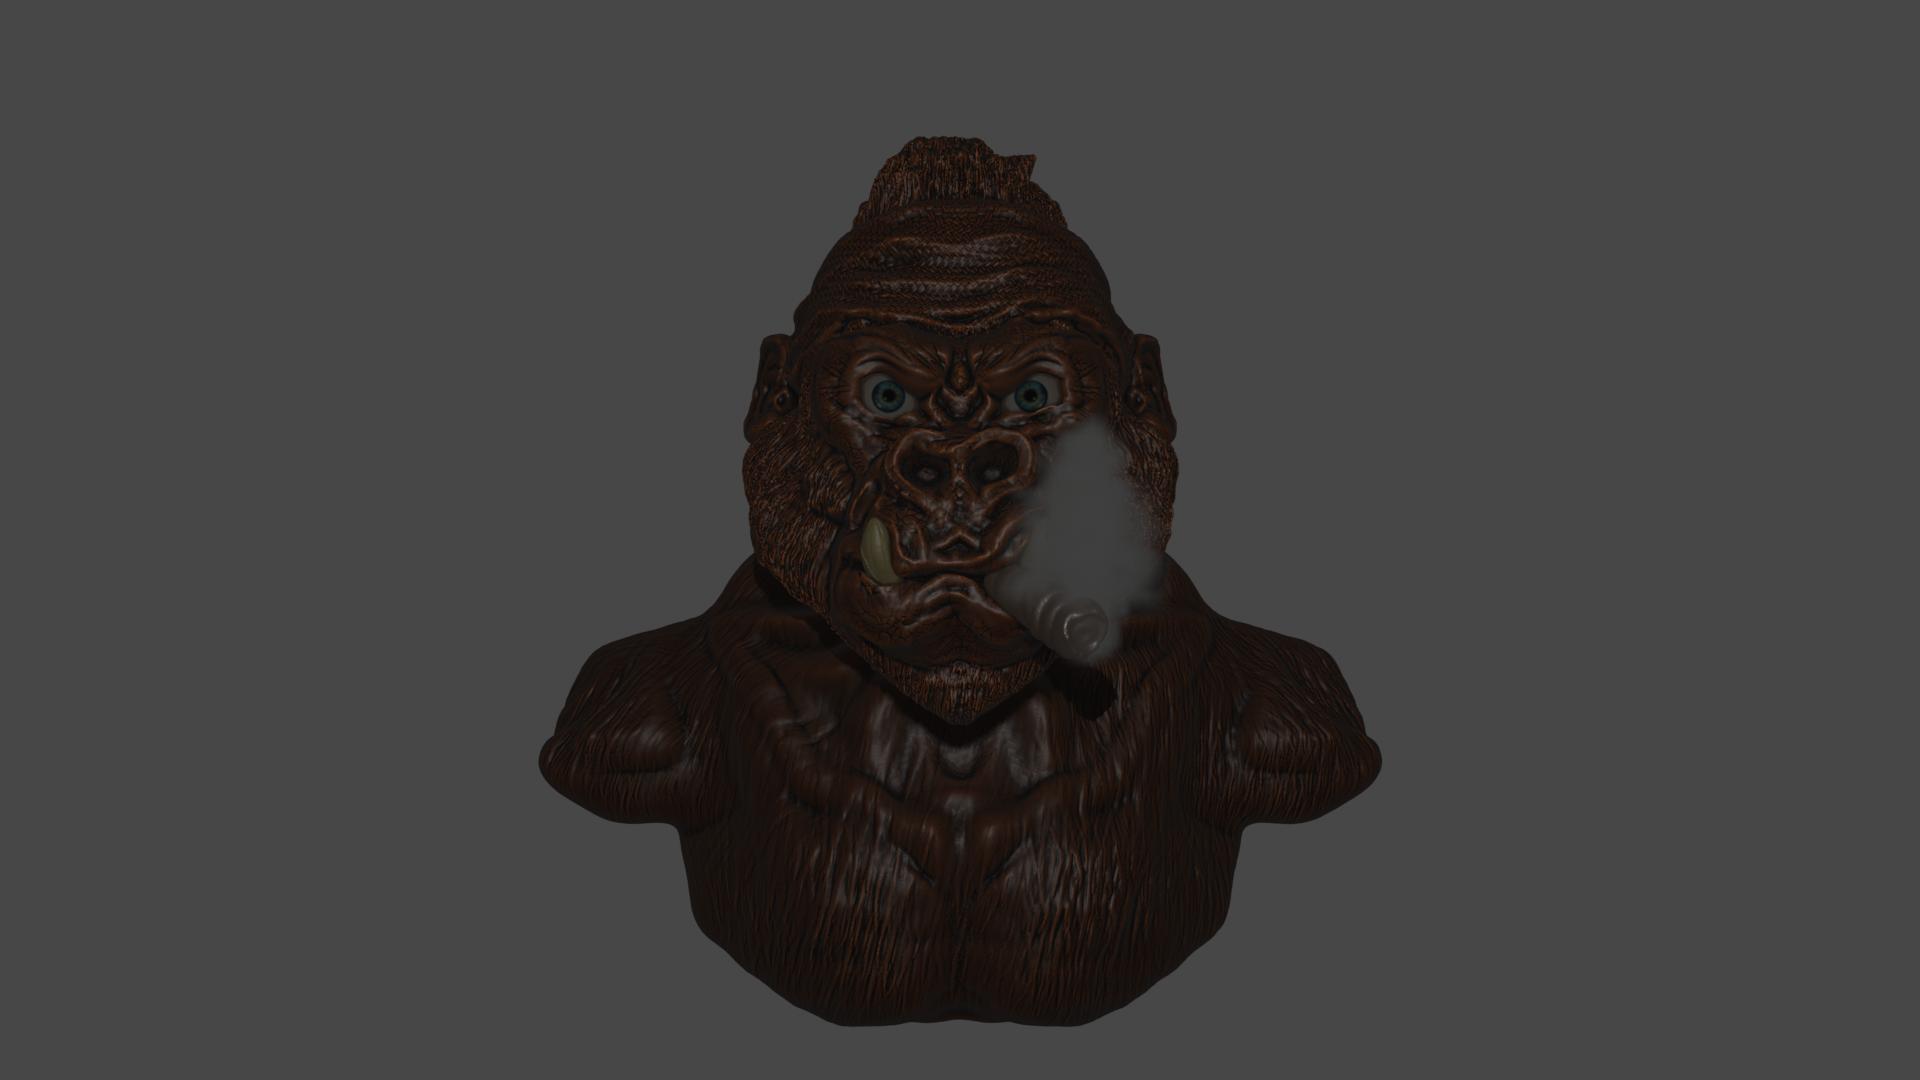 Ape Render v3.png Download free STL file Gang Gorilla Free 3D print model • 3D printer design, DFB93